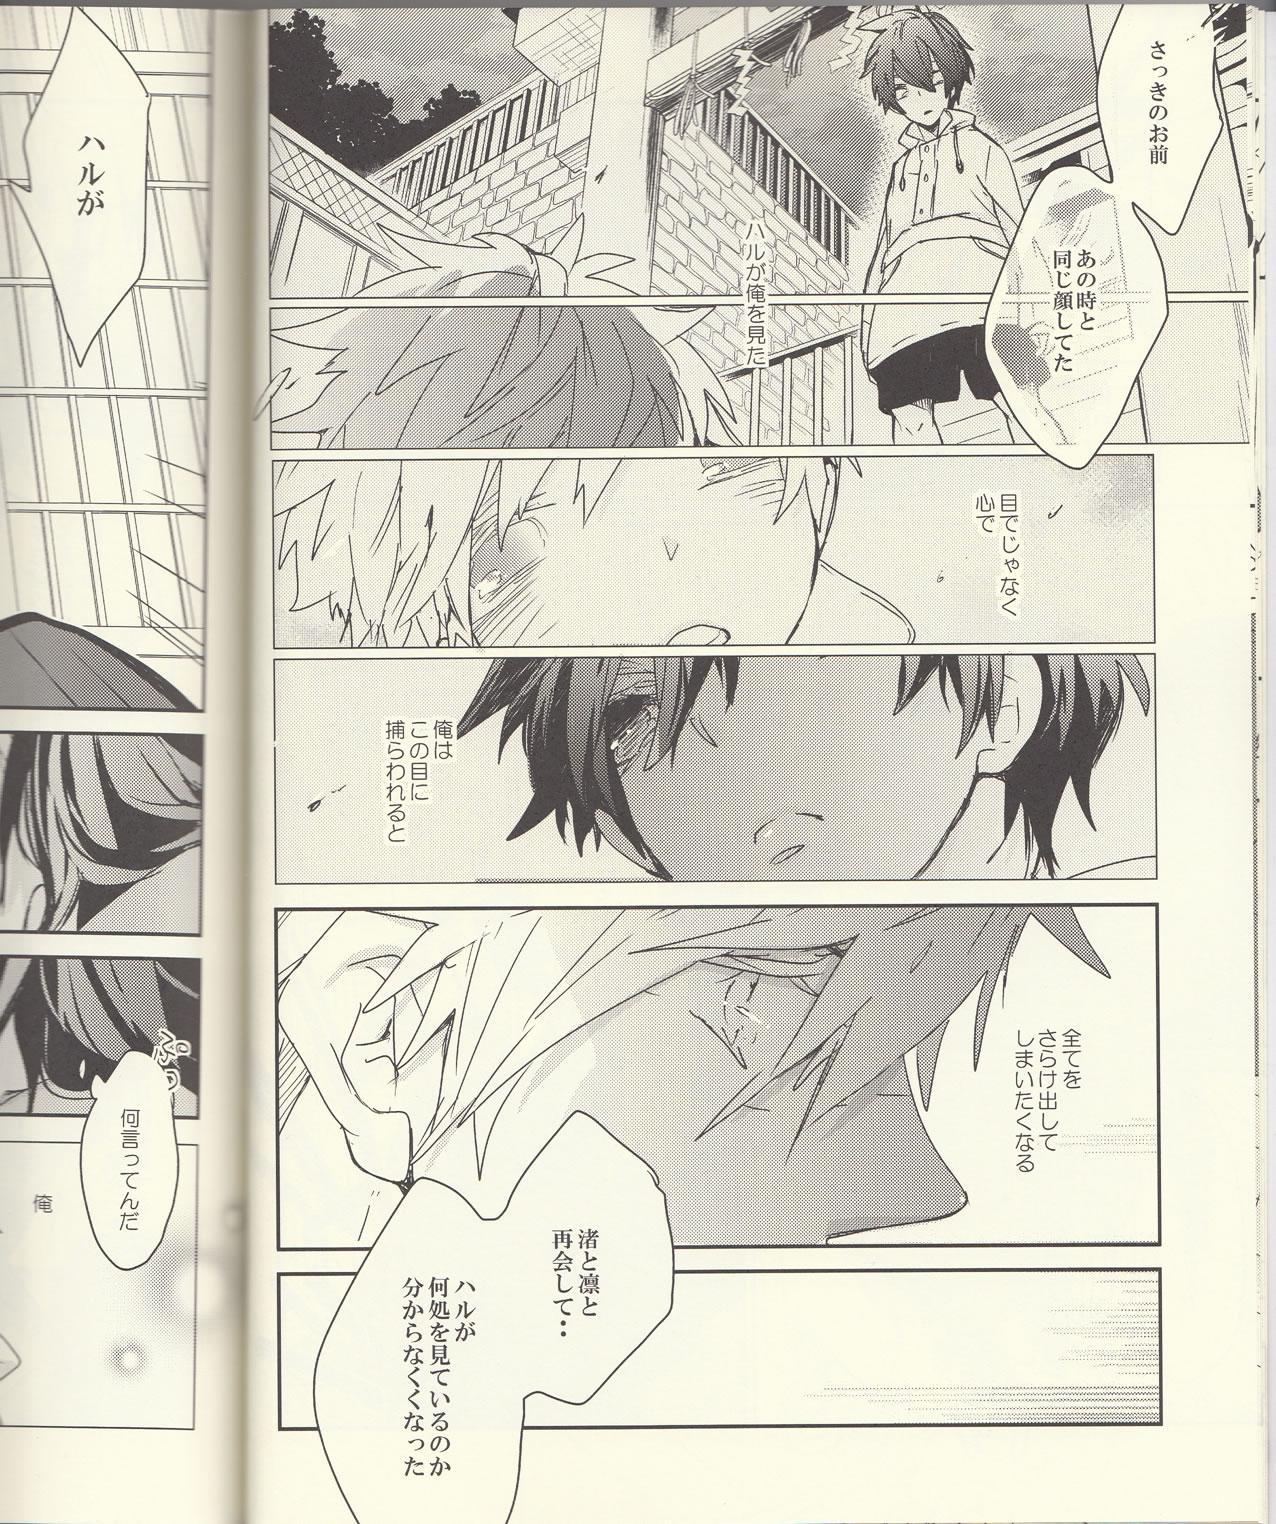 Seichouki 10